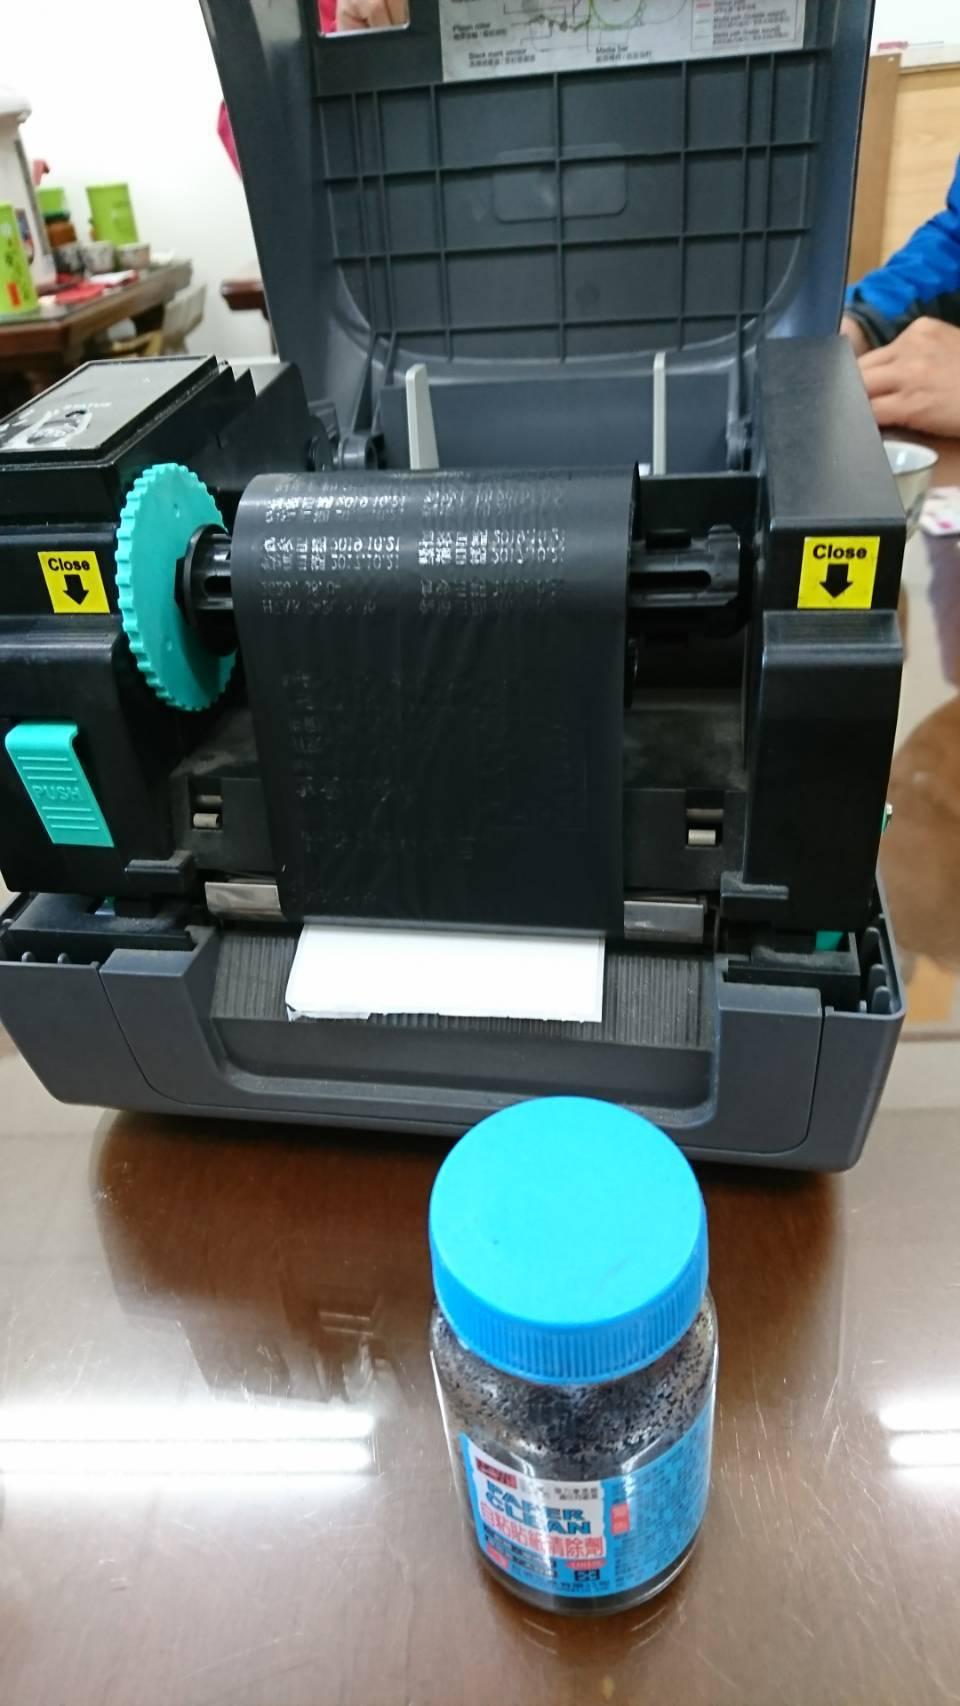 檢察官在食品行查扣松香水和印表機。記者江良誠/翻攝